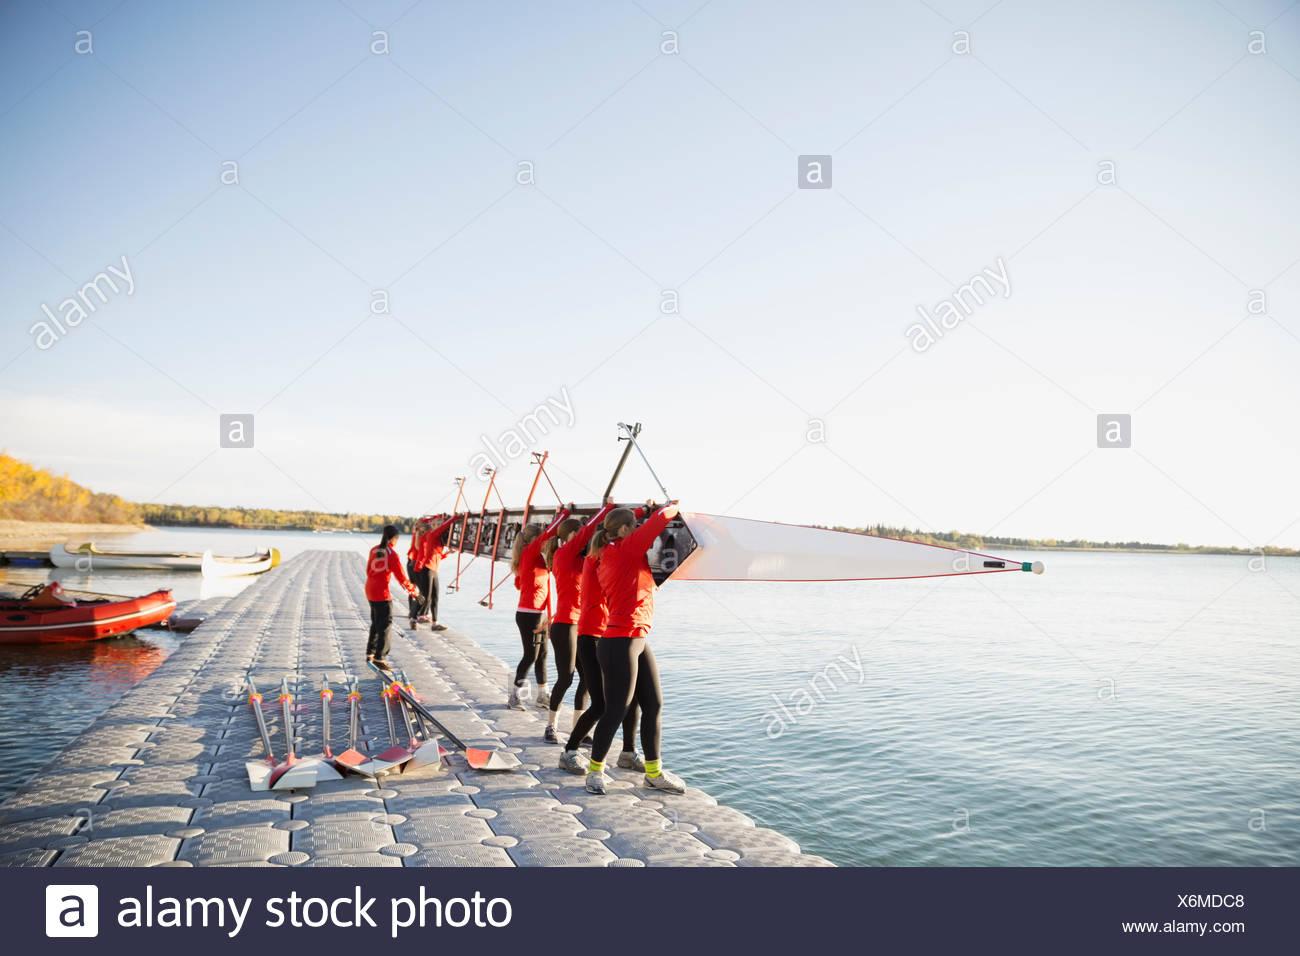 Il team di canottaggio holding scull a waterfront Immagini Stock